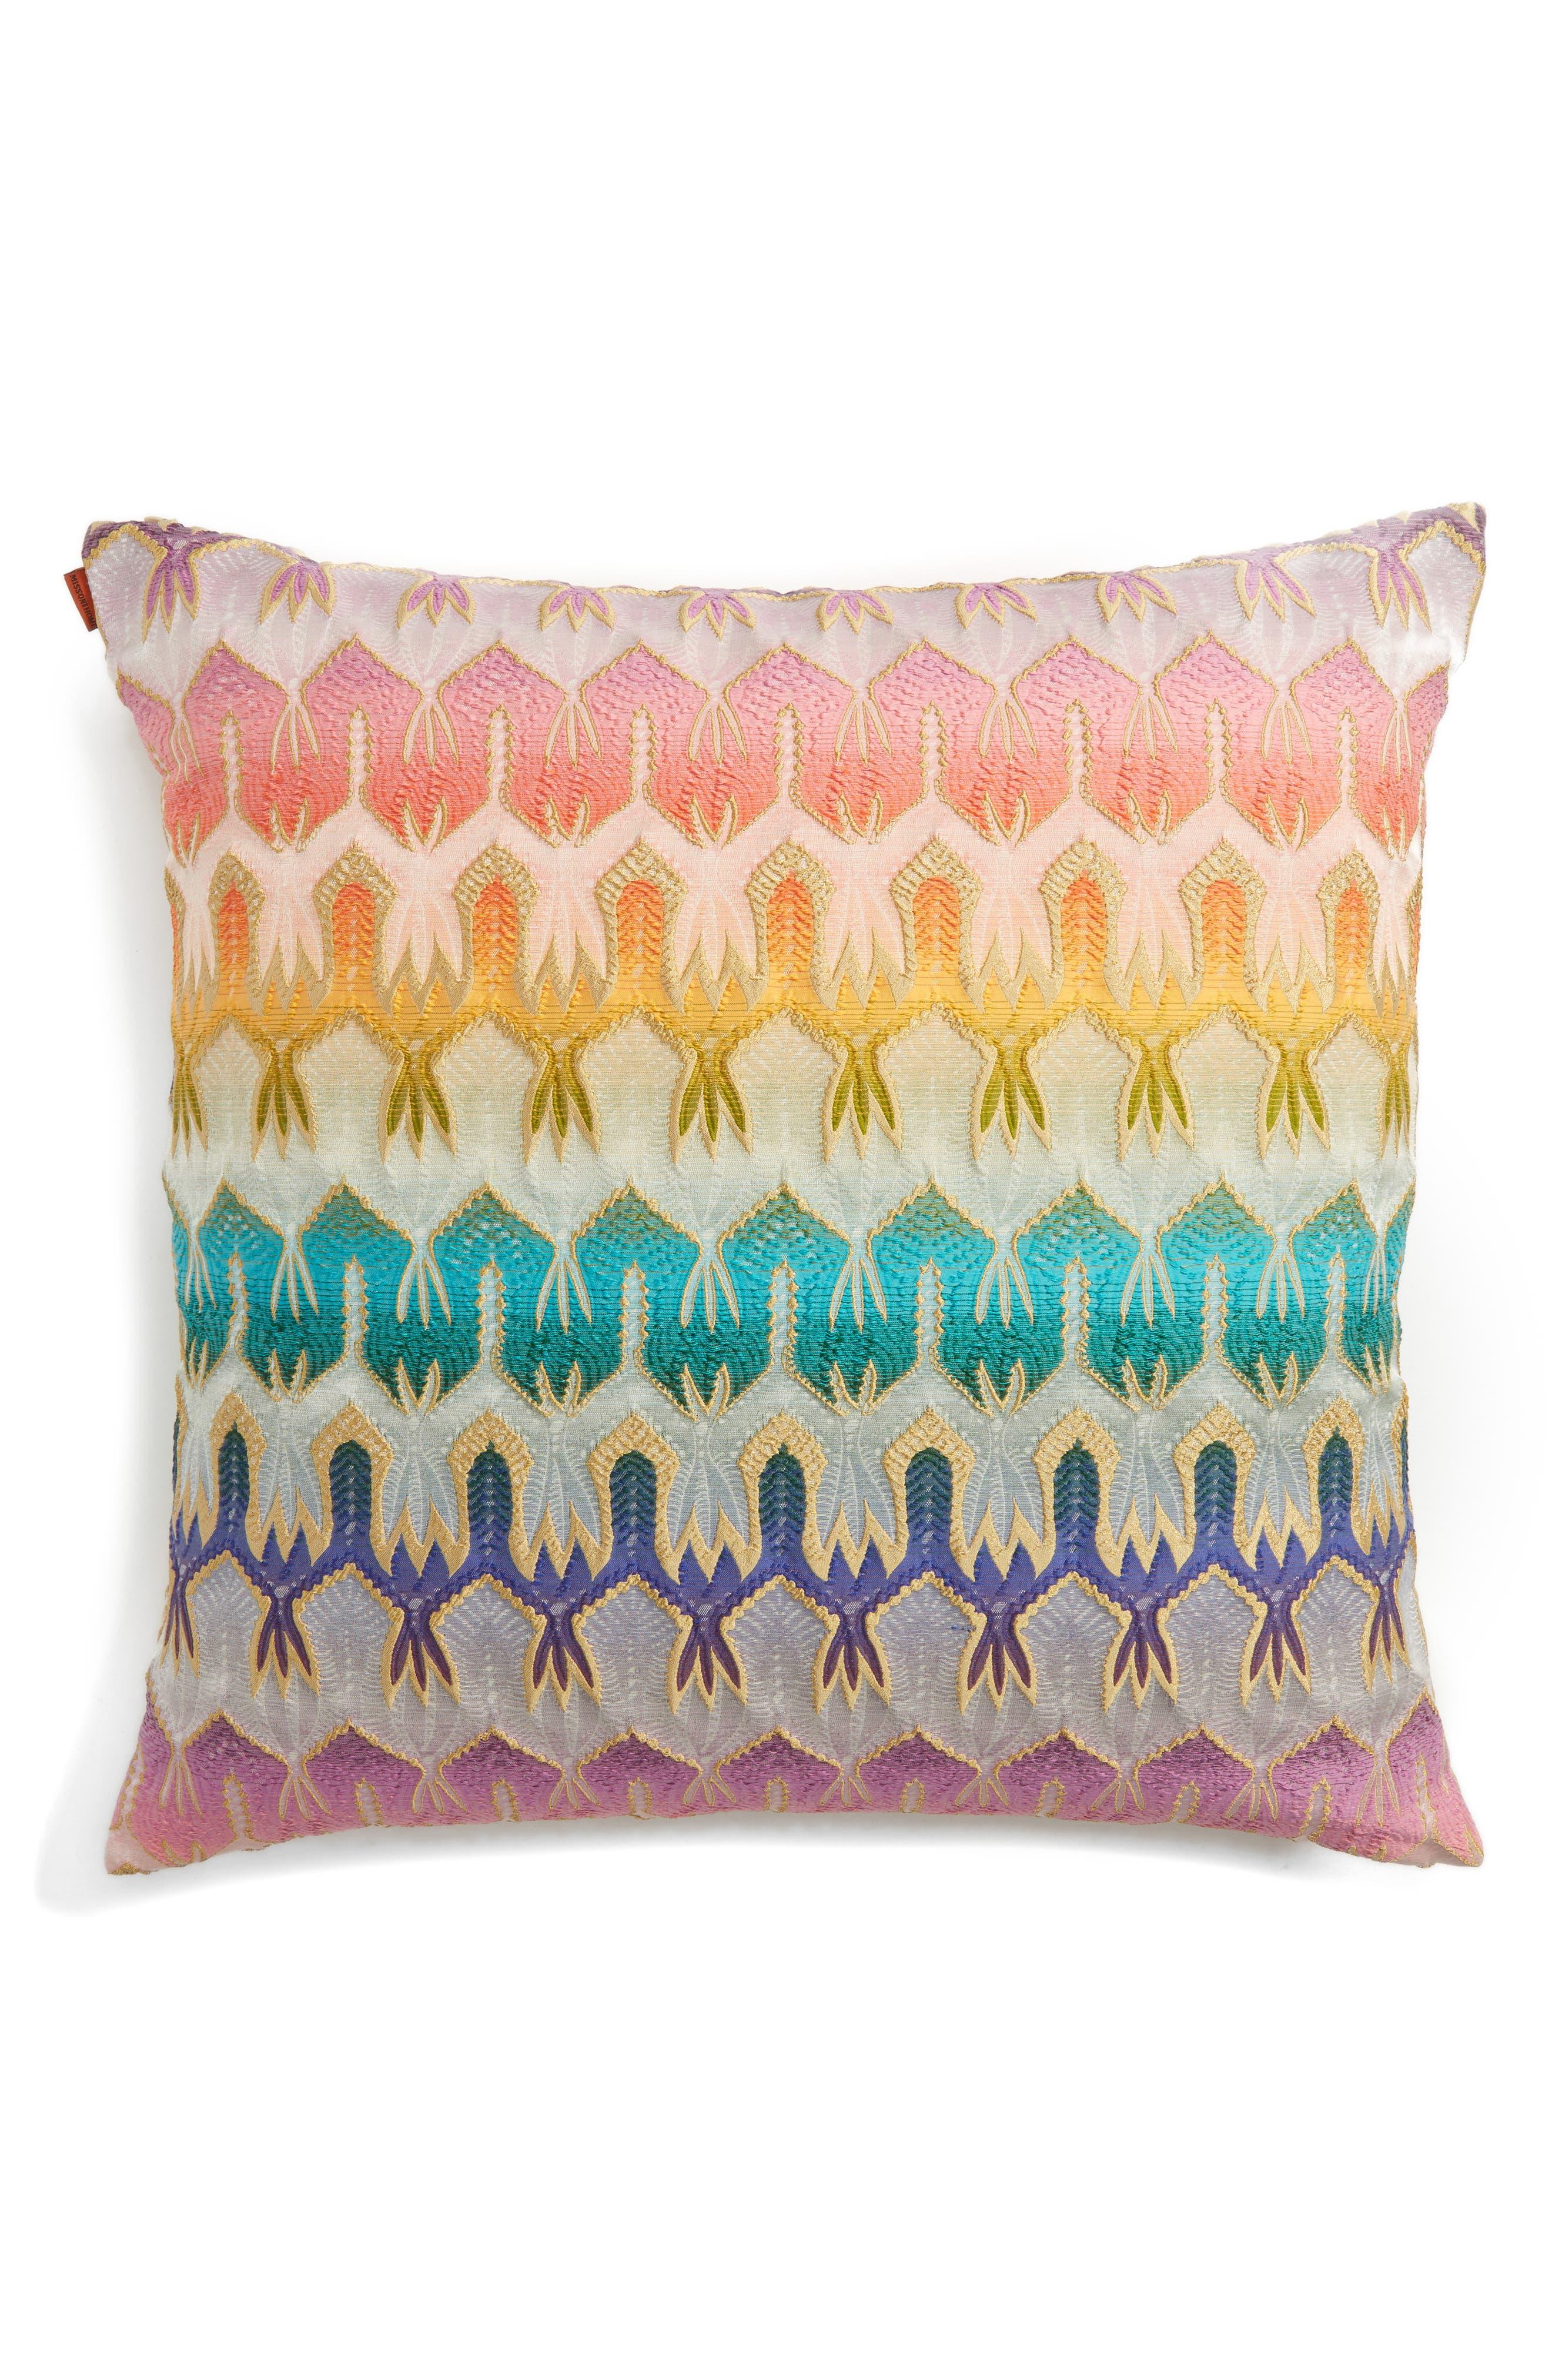 Pasadena Accent Pillow,                             Main thumbnail 1, color,                             400